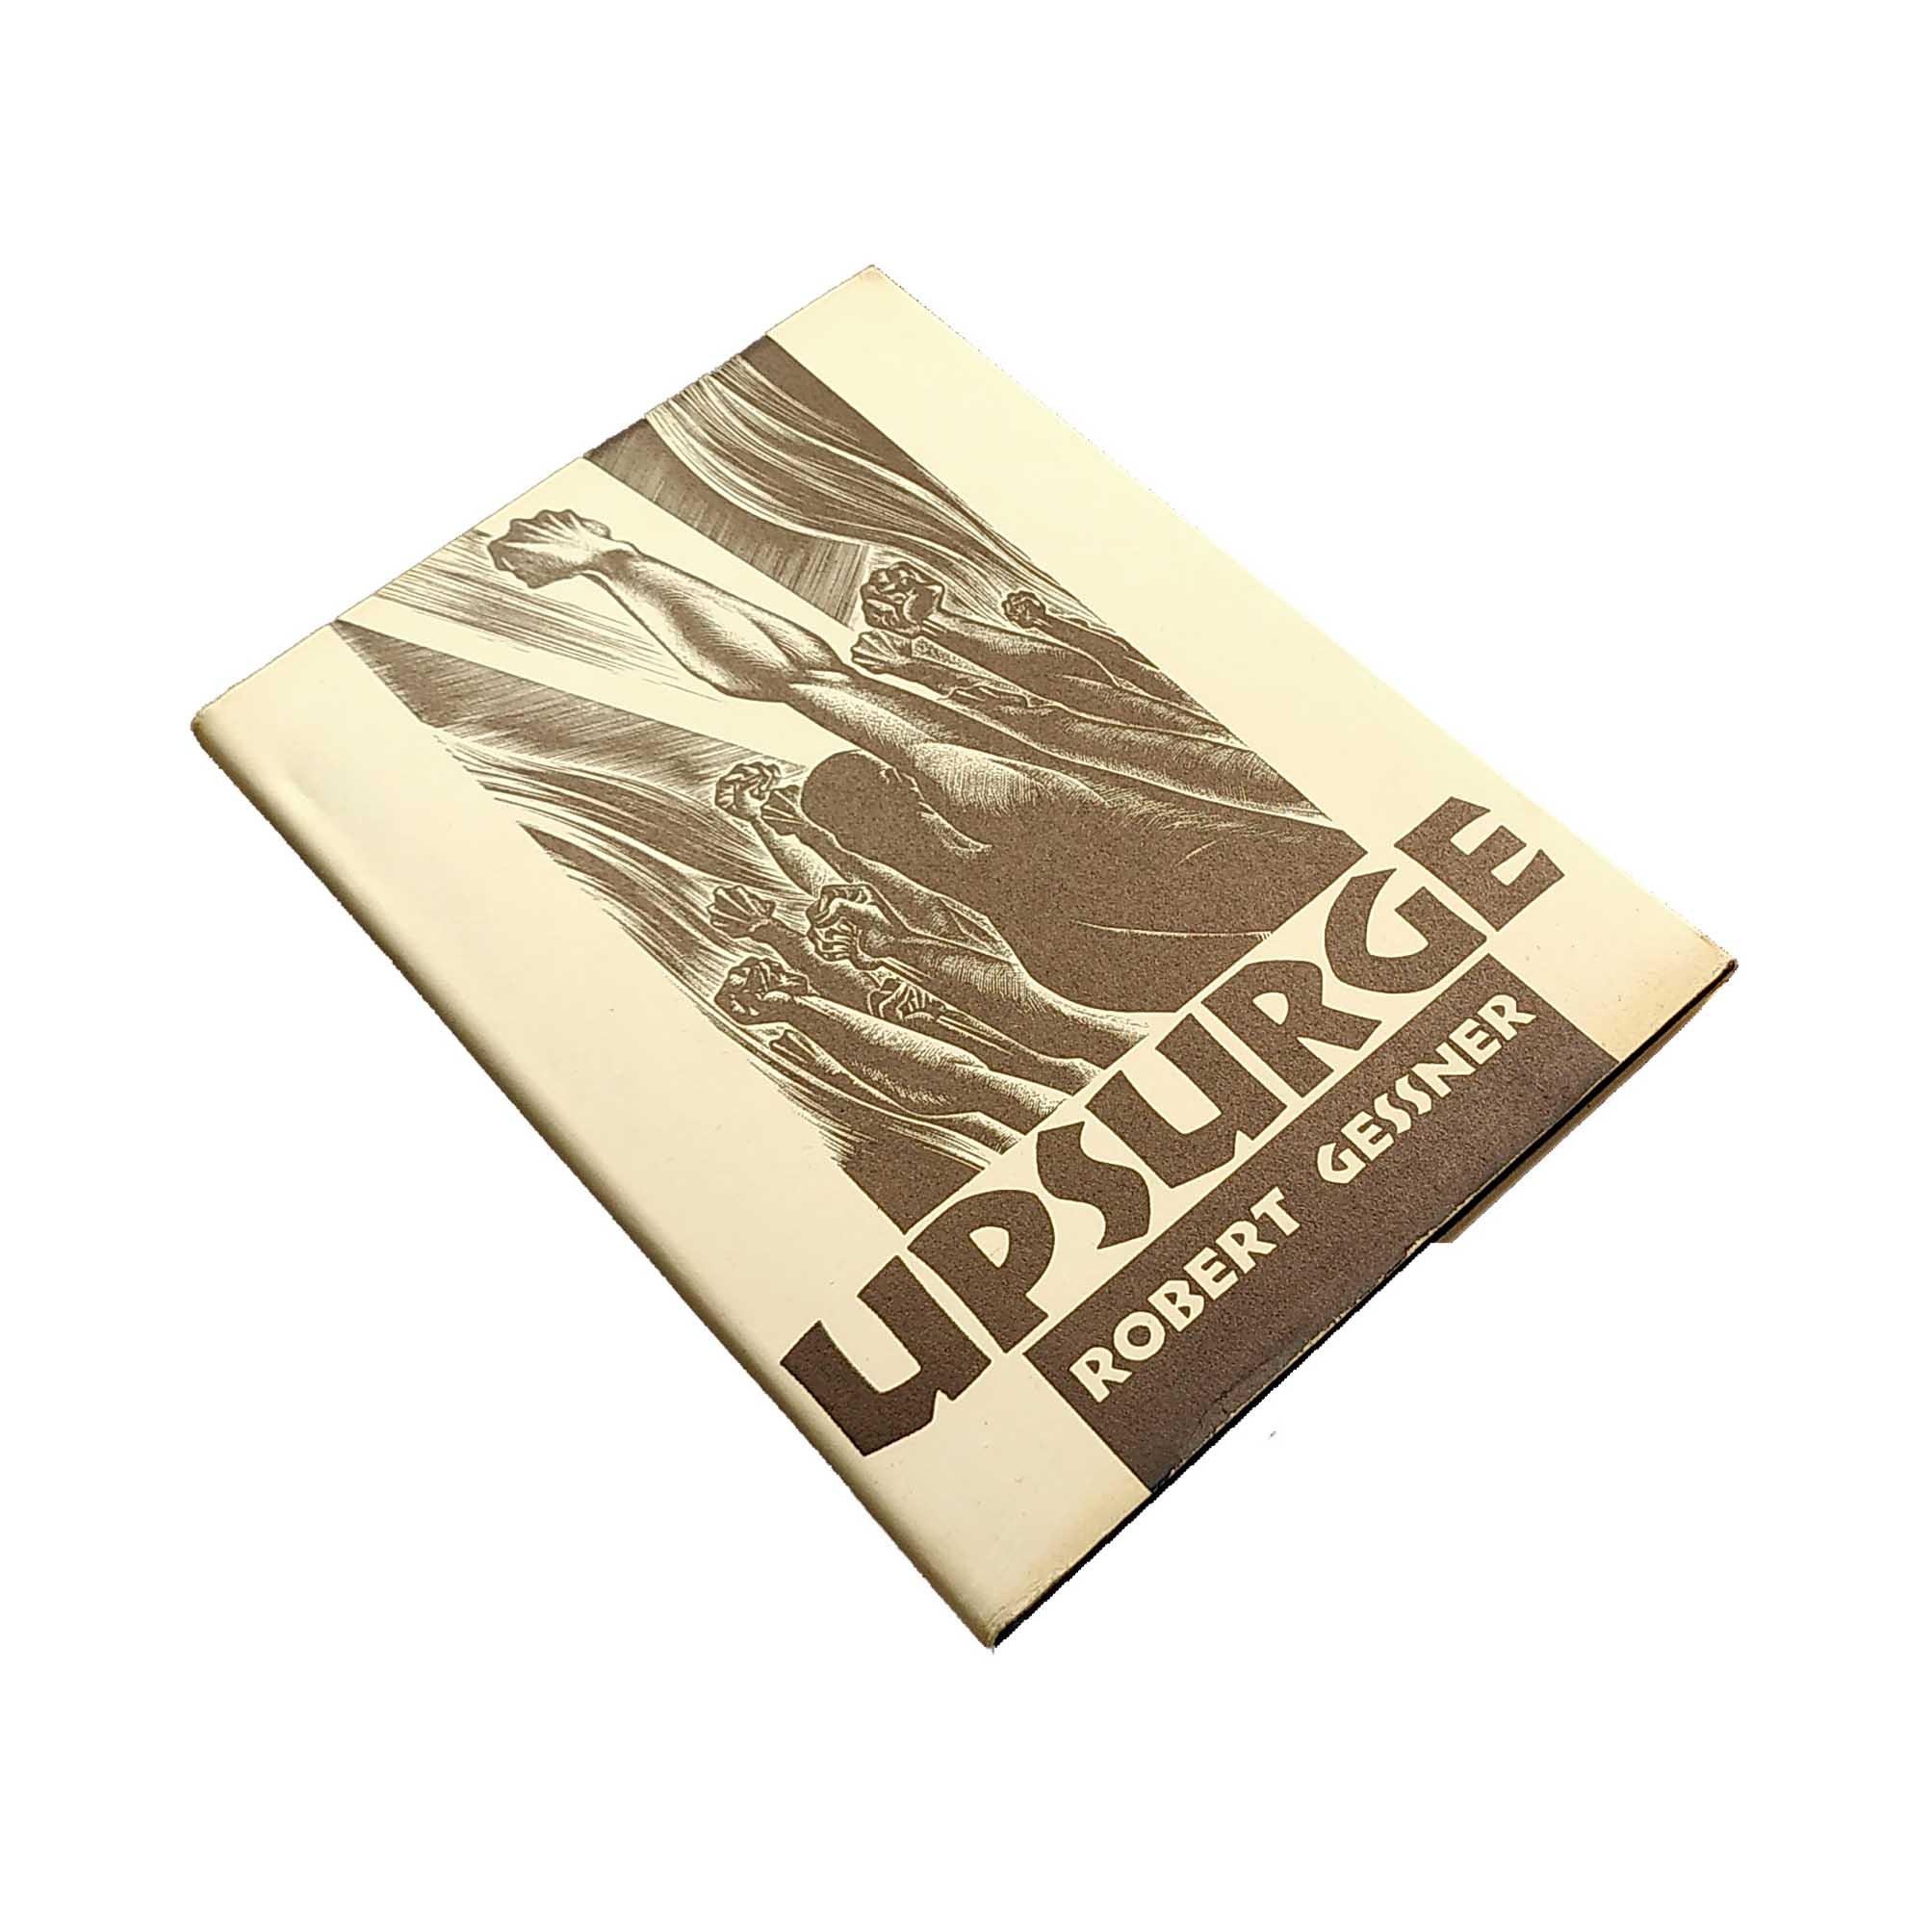 5272-Gessner-Upsurge-1933-Dedication-Pabst-Wrapper-recto-free-N.jpg